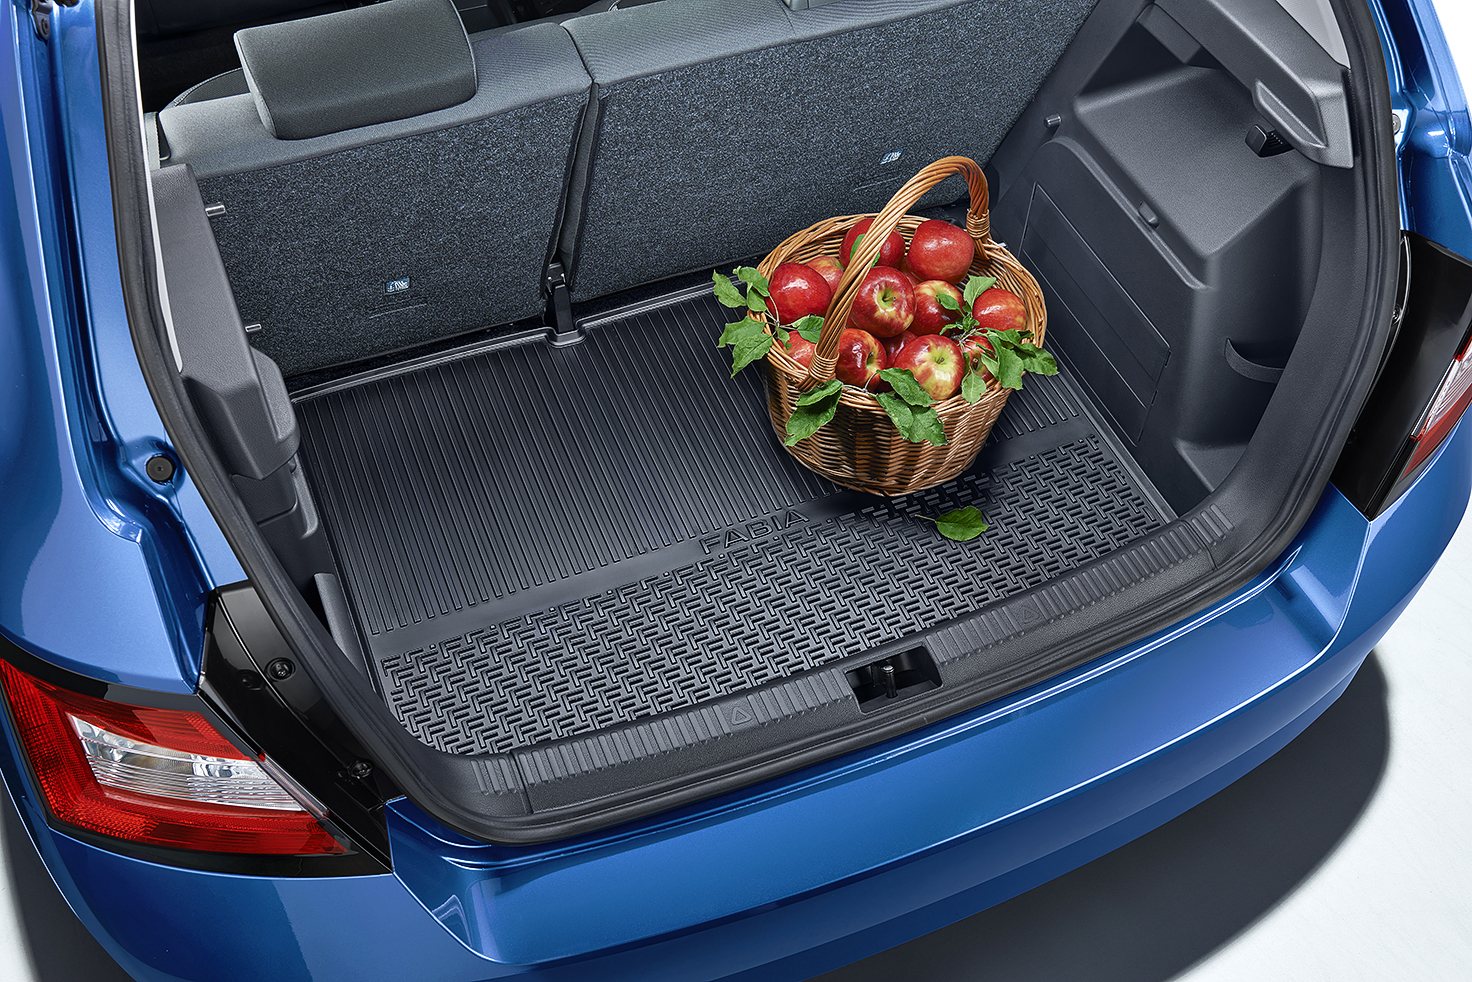 Gummimatte für Kofferraum, Limousine